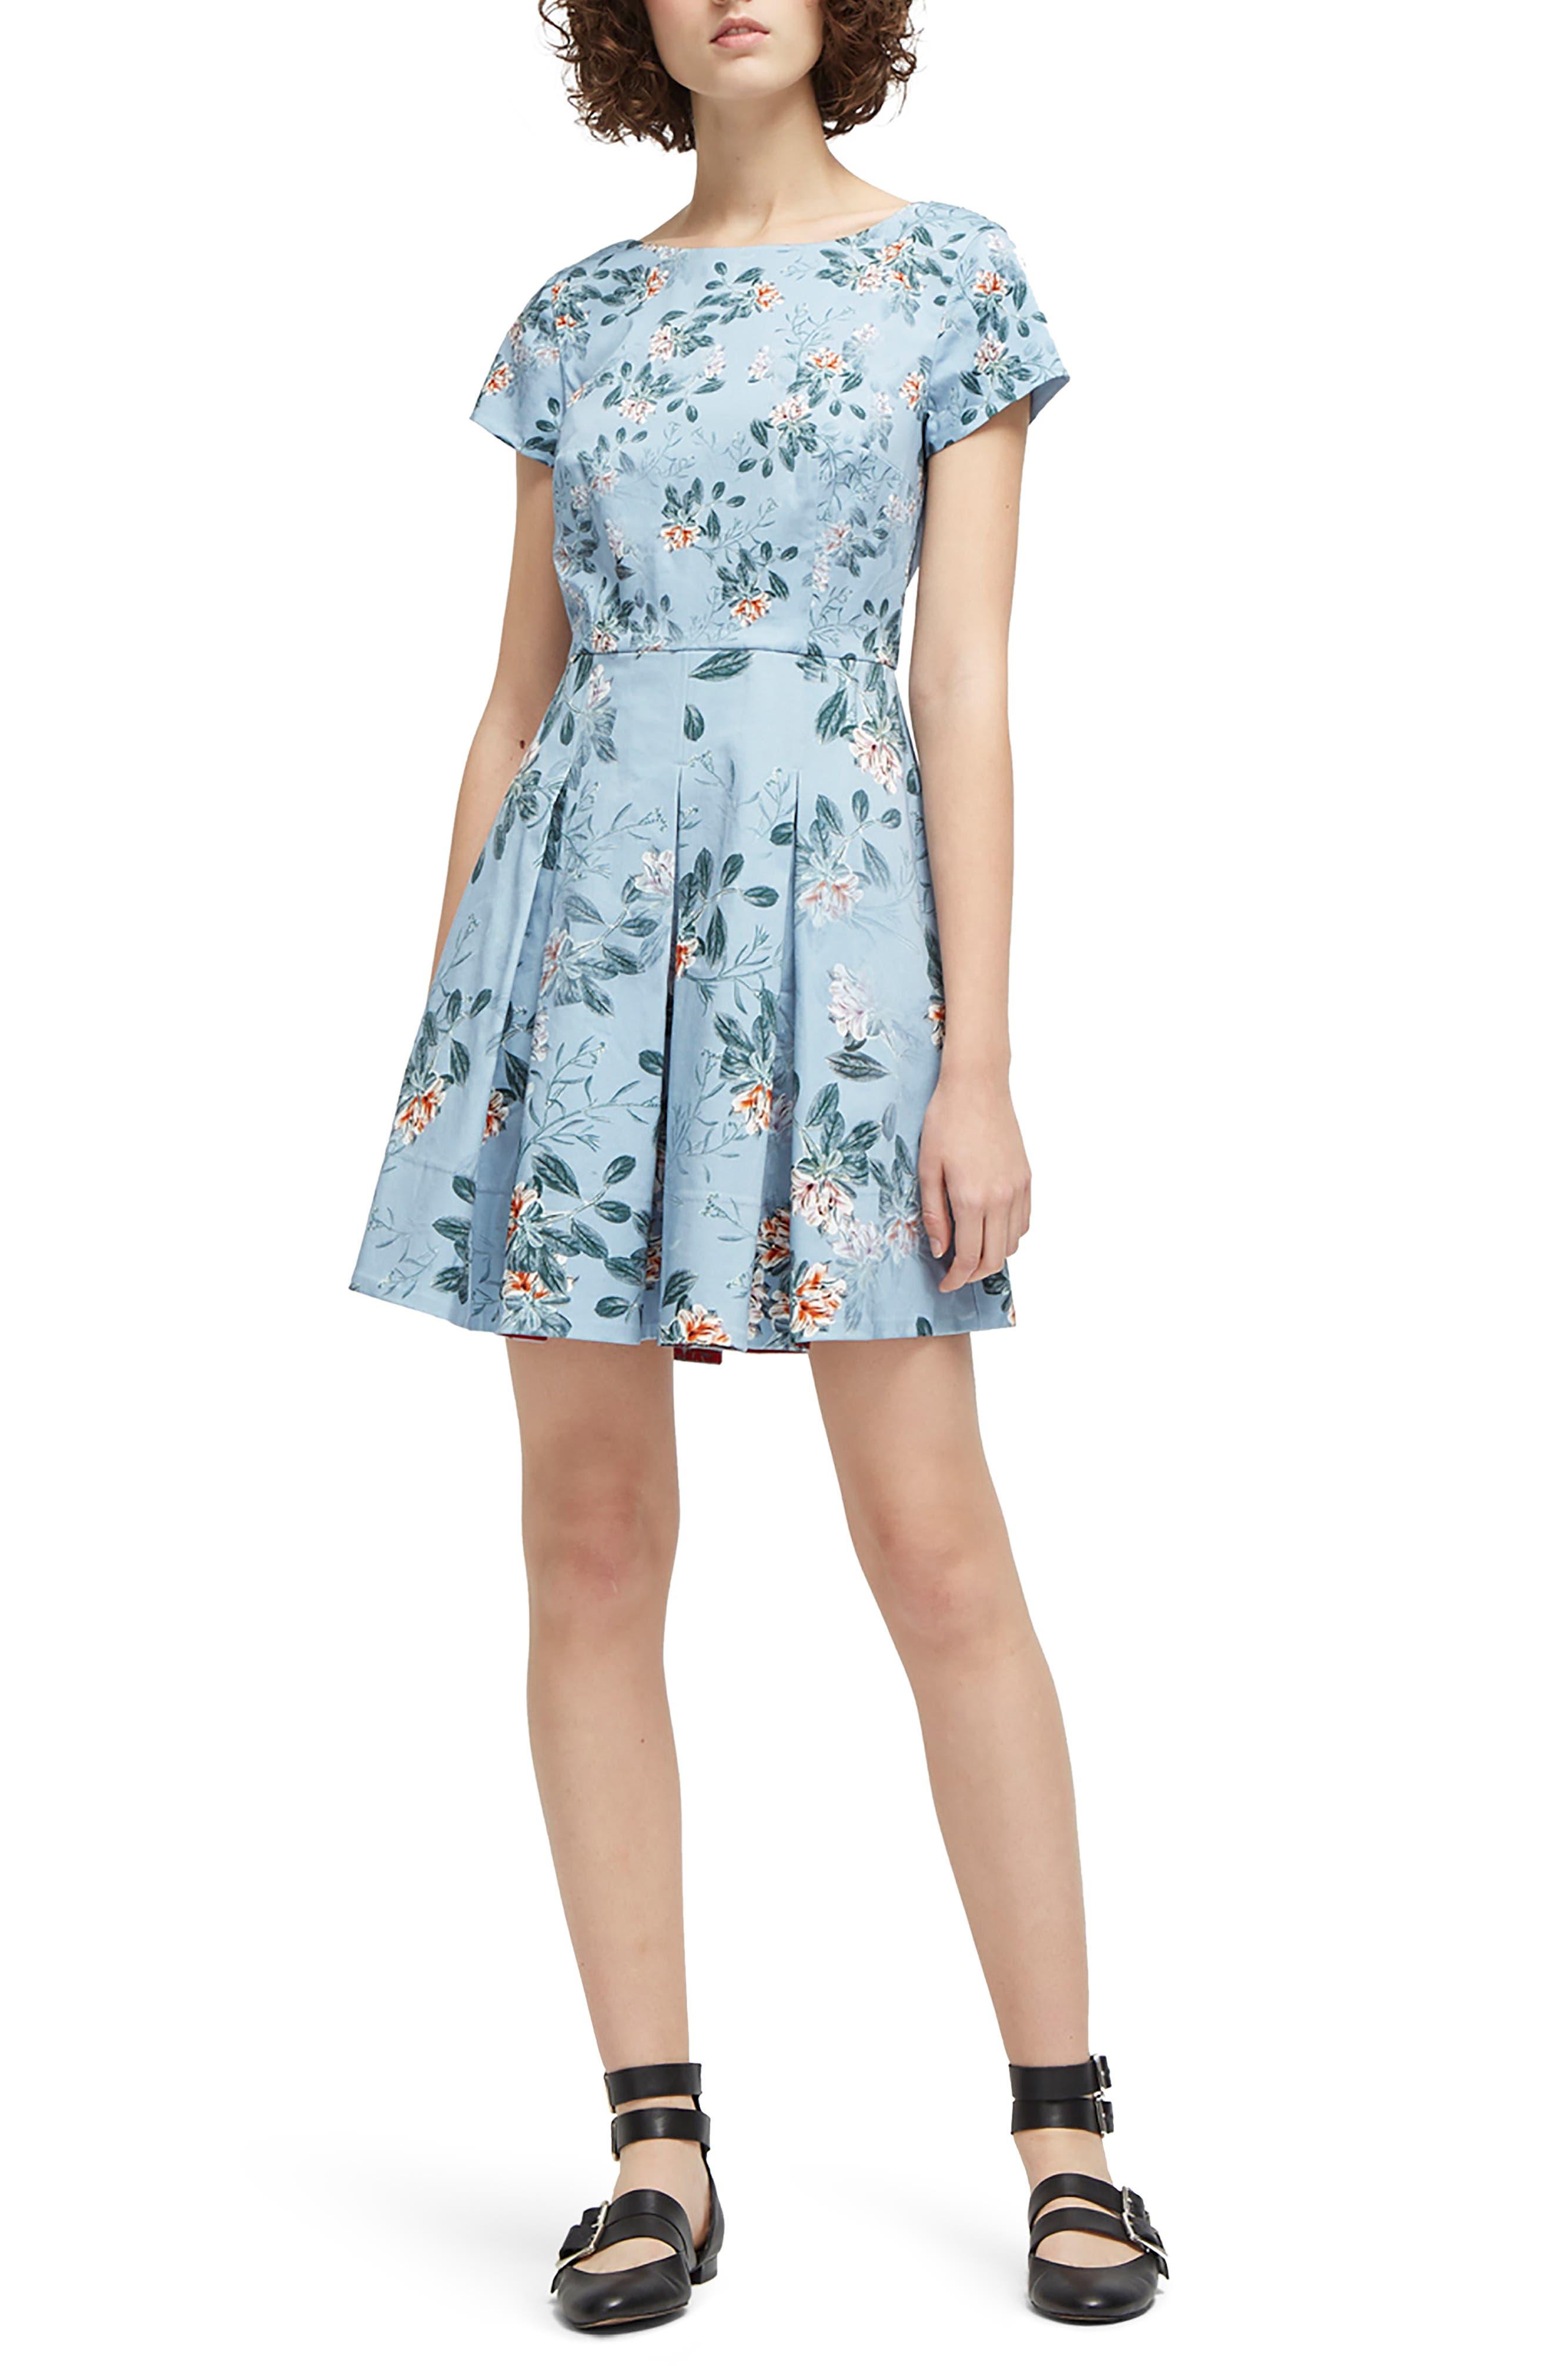 Kioa Fit & Flare Dress,                             Main thumbnail 1, color,                             Pavilion Blue Multi